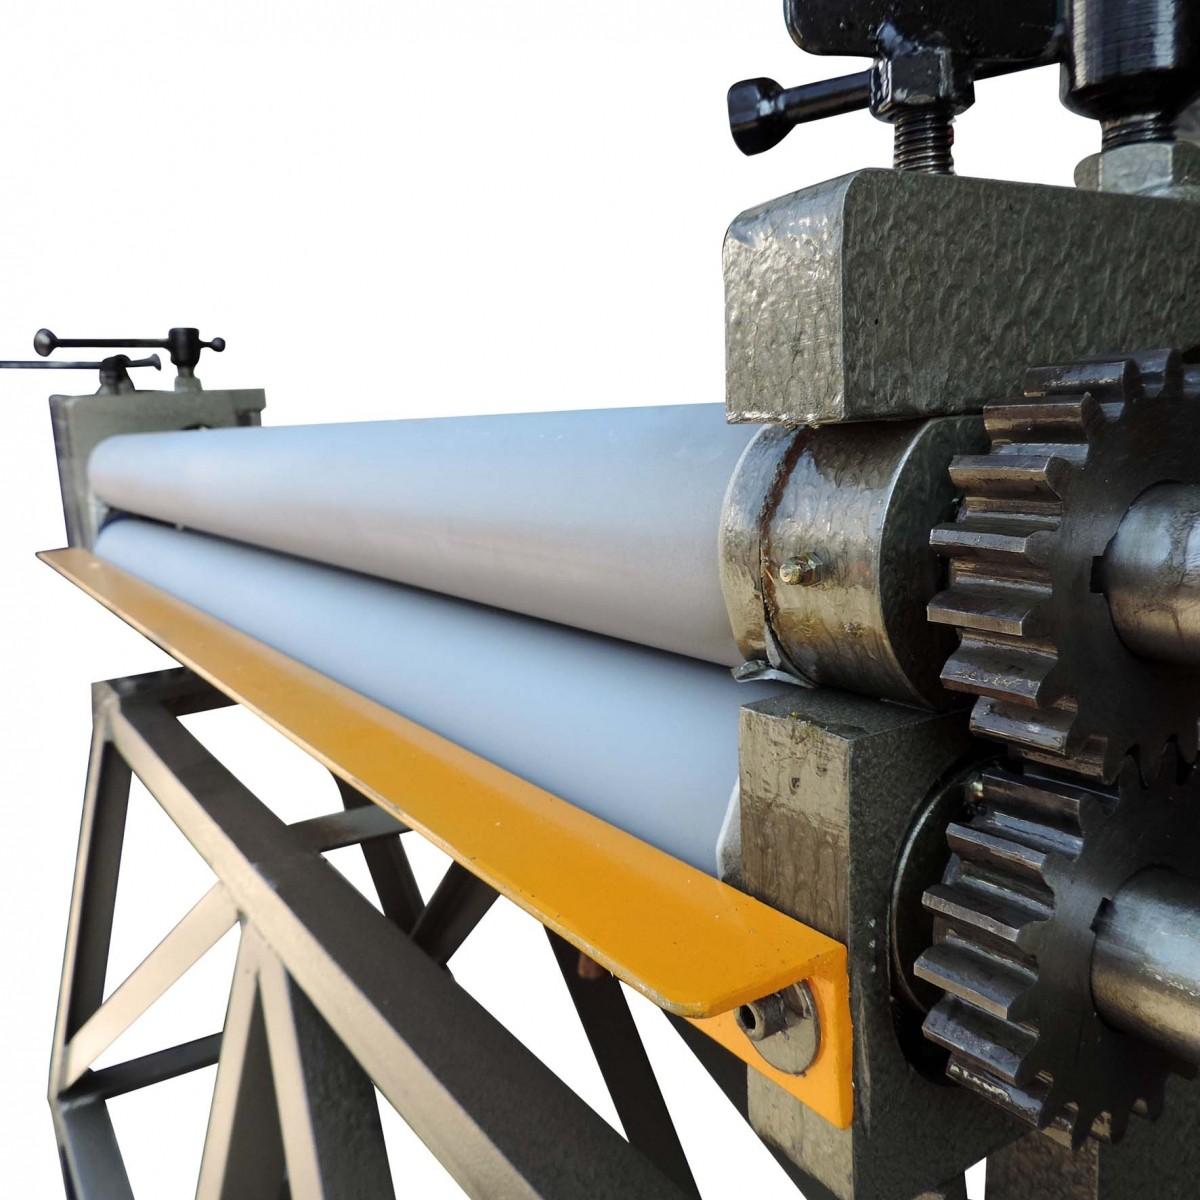 Calandra Manual Para Chapas Inicial Rmi 1220 X 2.5 Mm